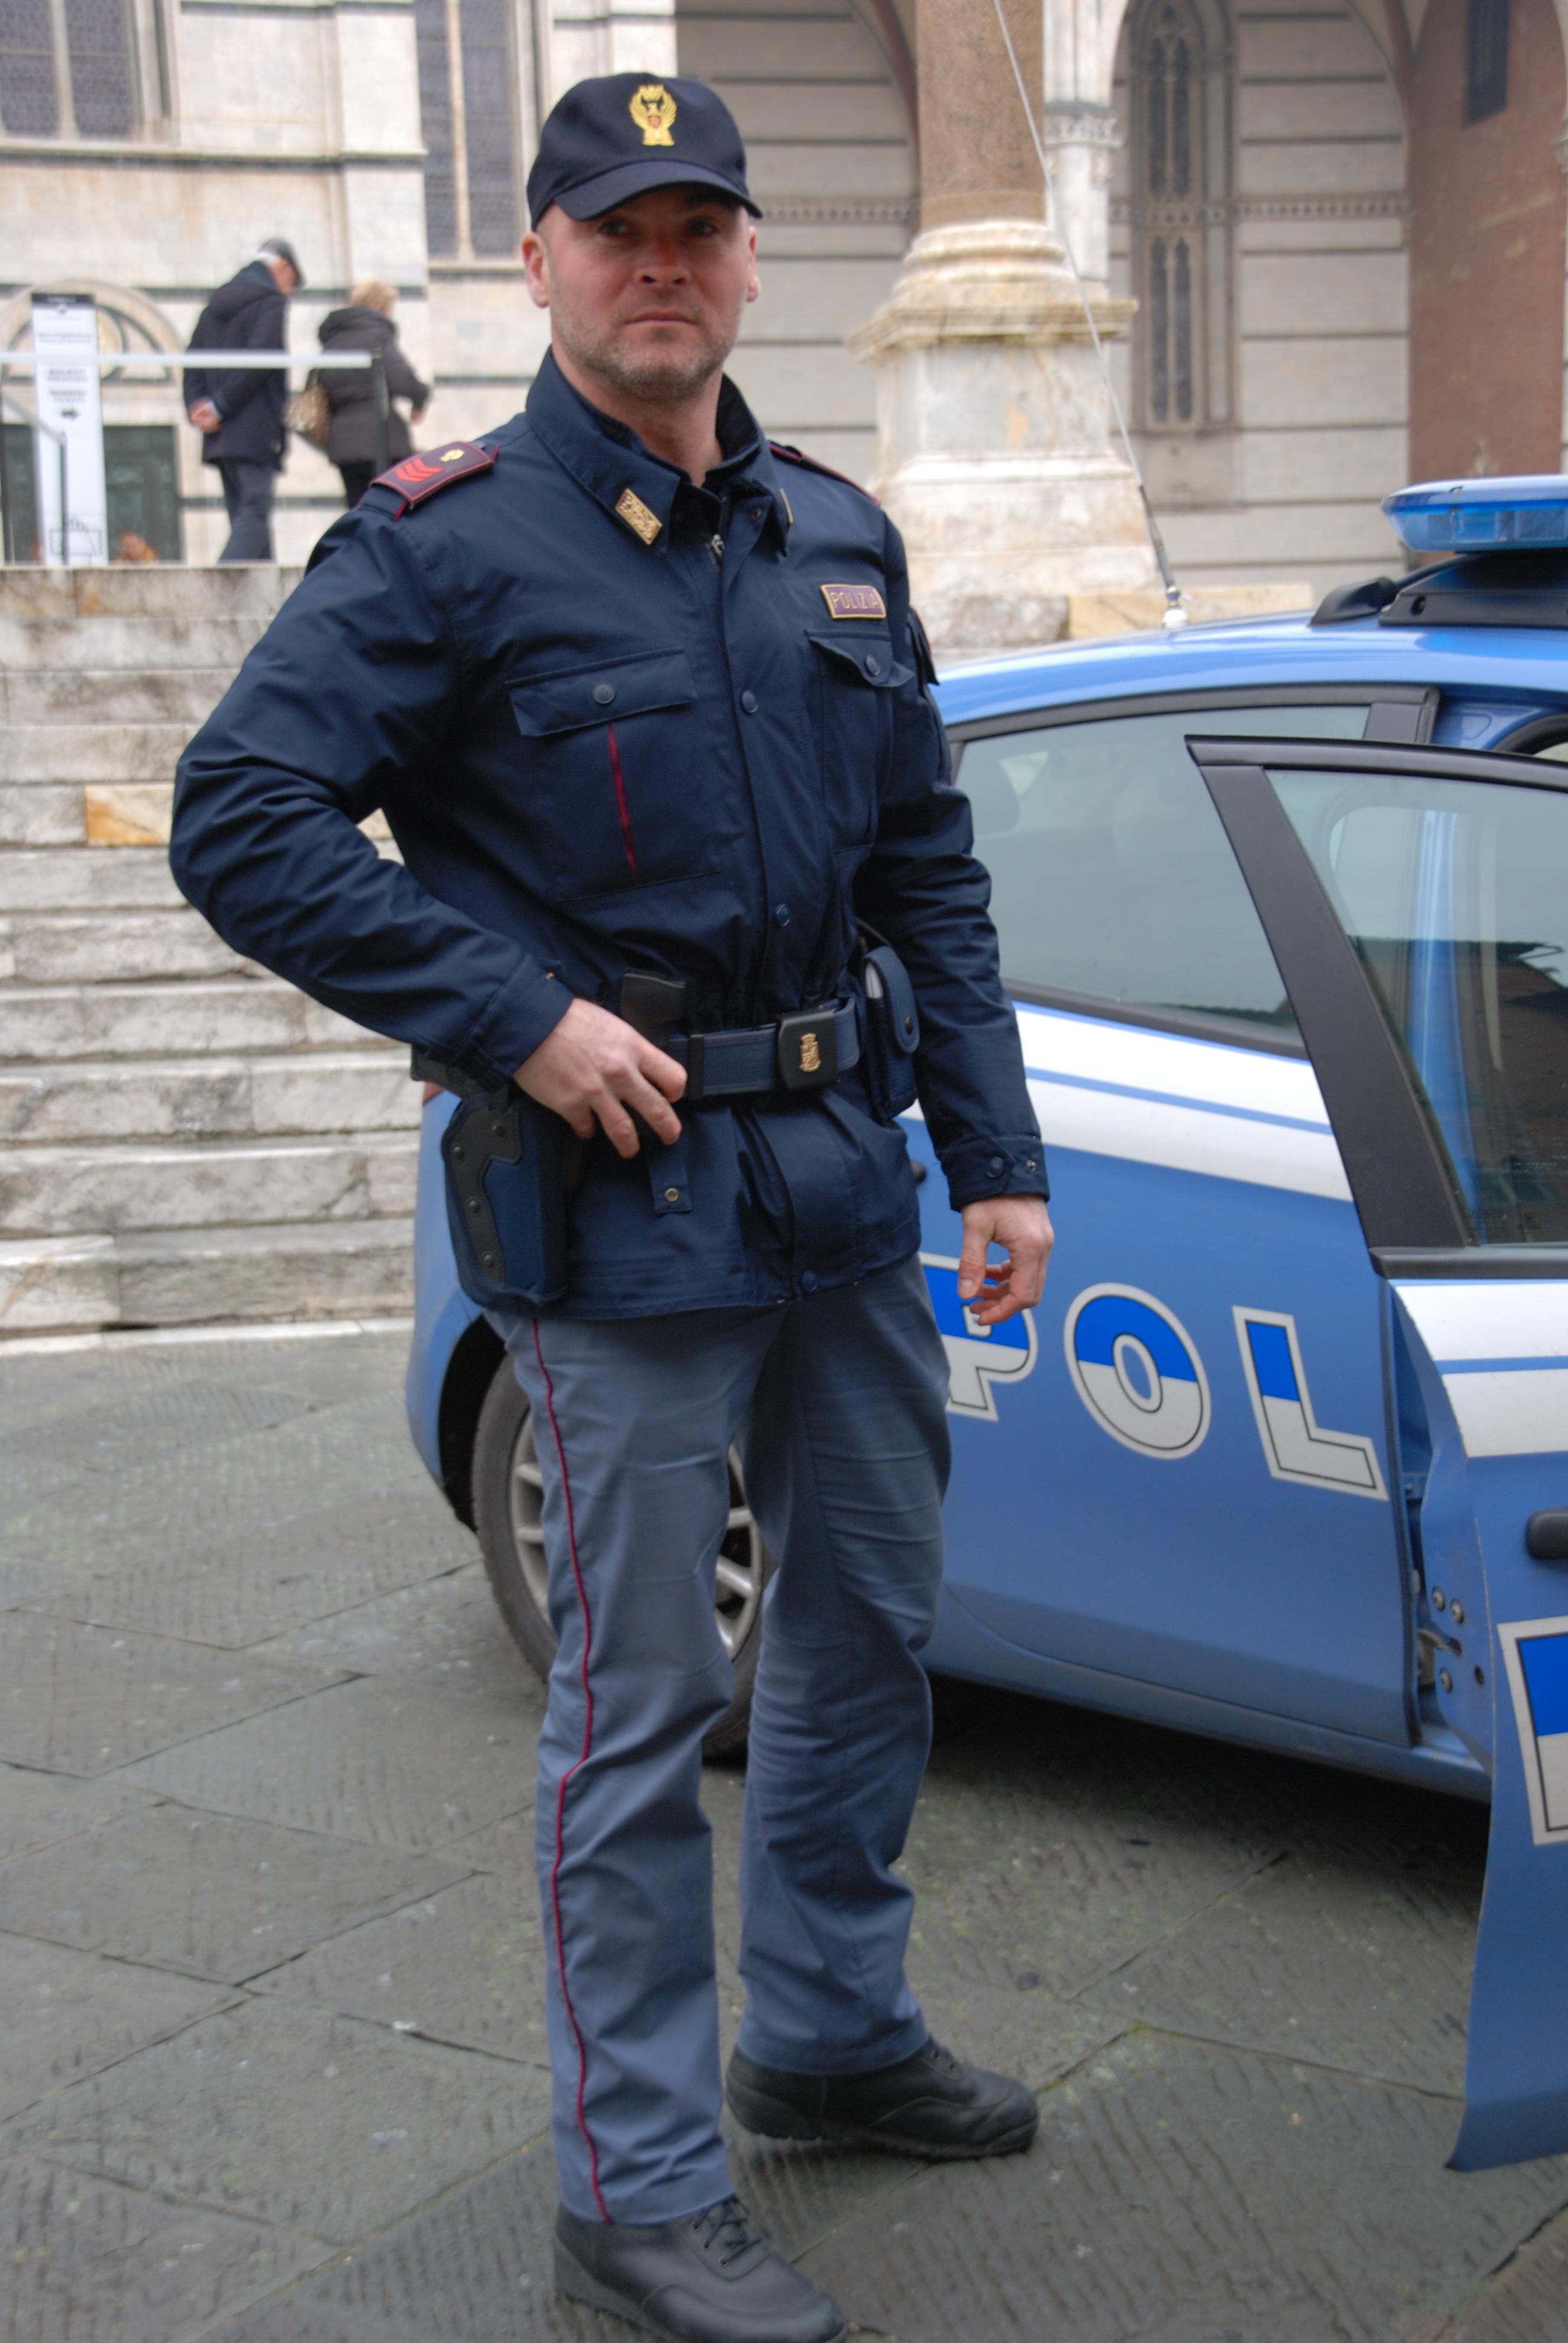 Polizia di stato questure sul web siena for Polizia di stato caserta permesso di soggiorno